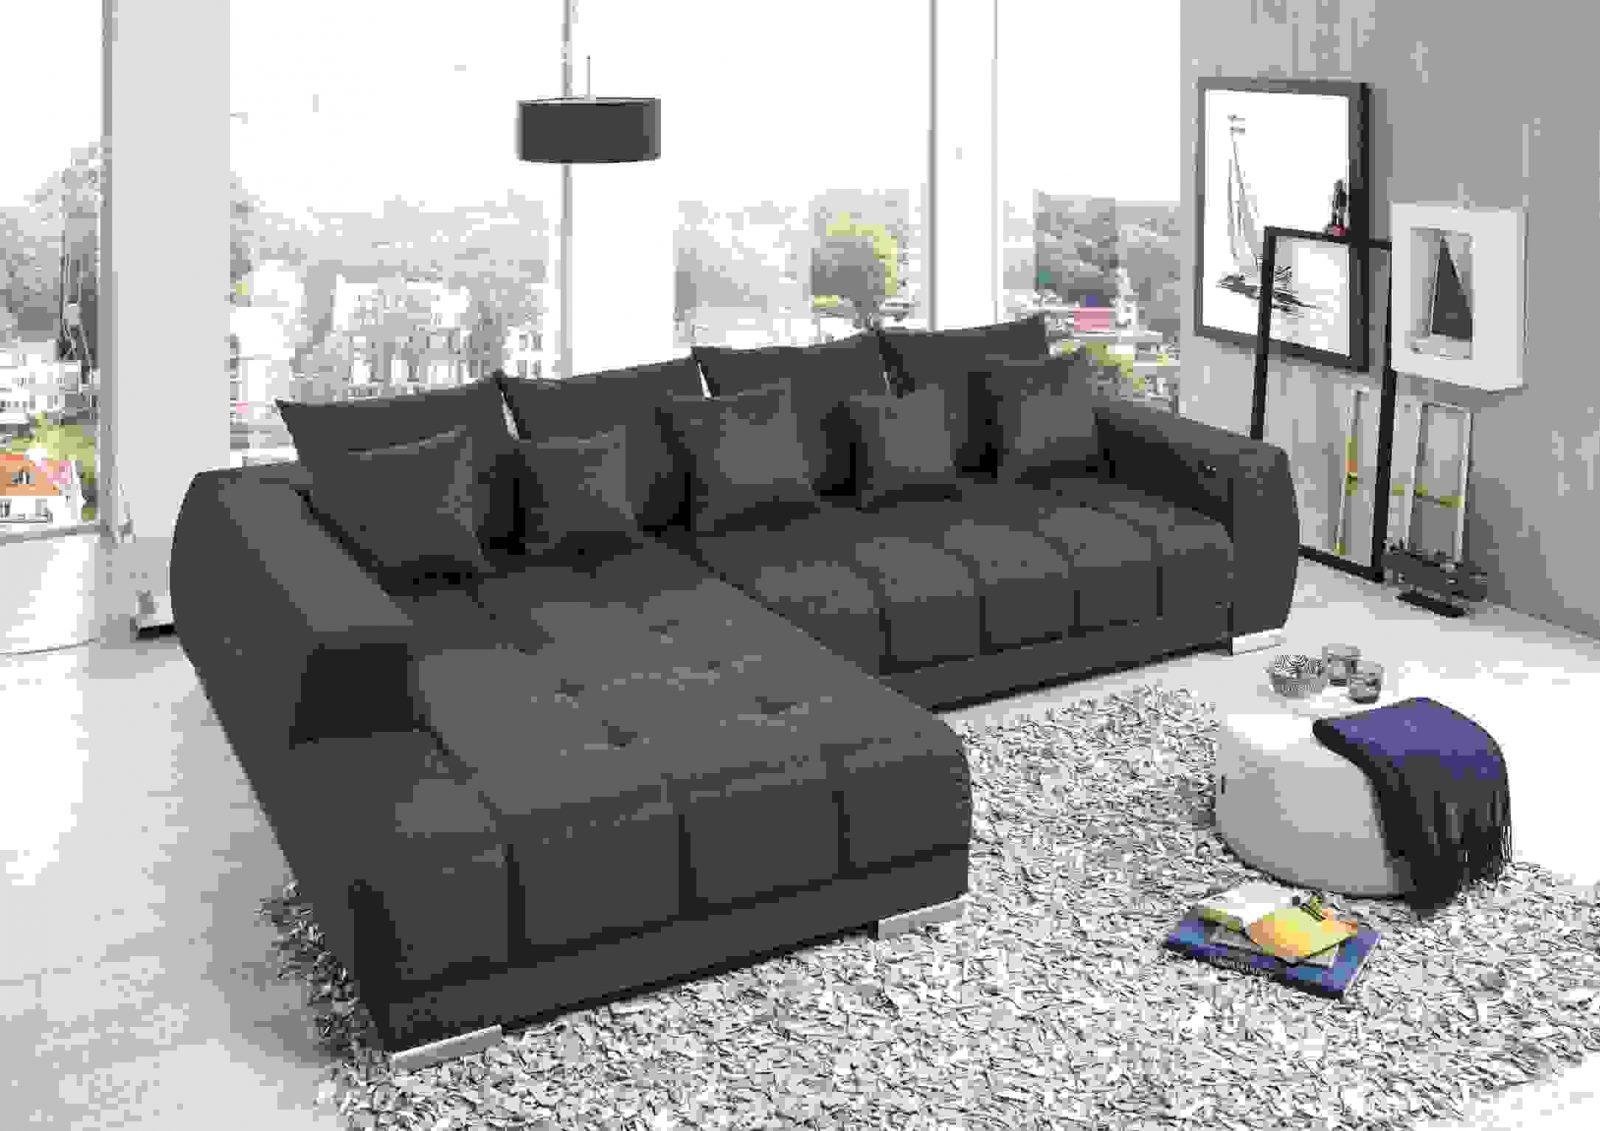 Fantastisch 40 Otto Sofa Mit Bettfunktion Ideen  Einzigartiger Garten von Otto Sofas Mit Bettfunktion Bild